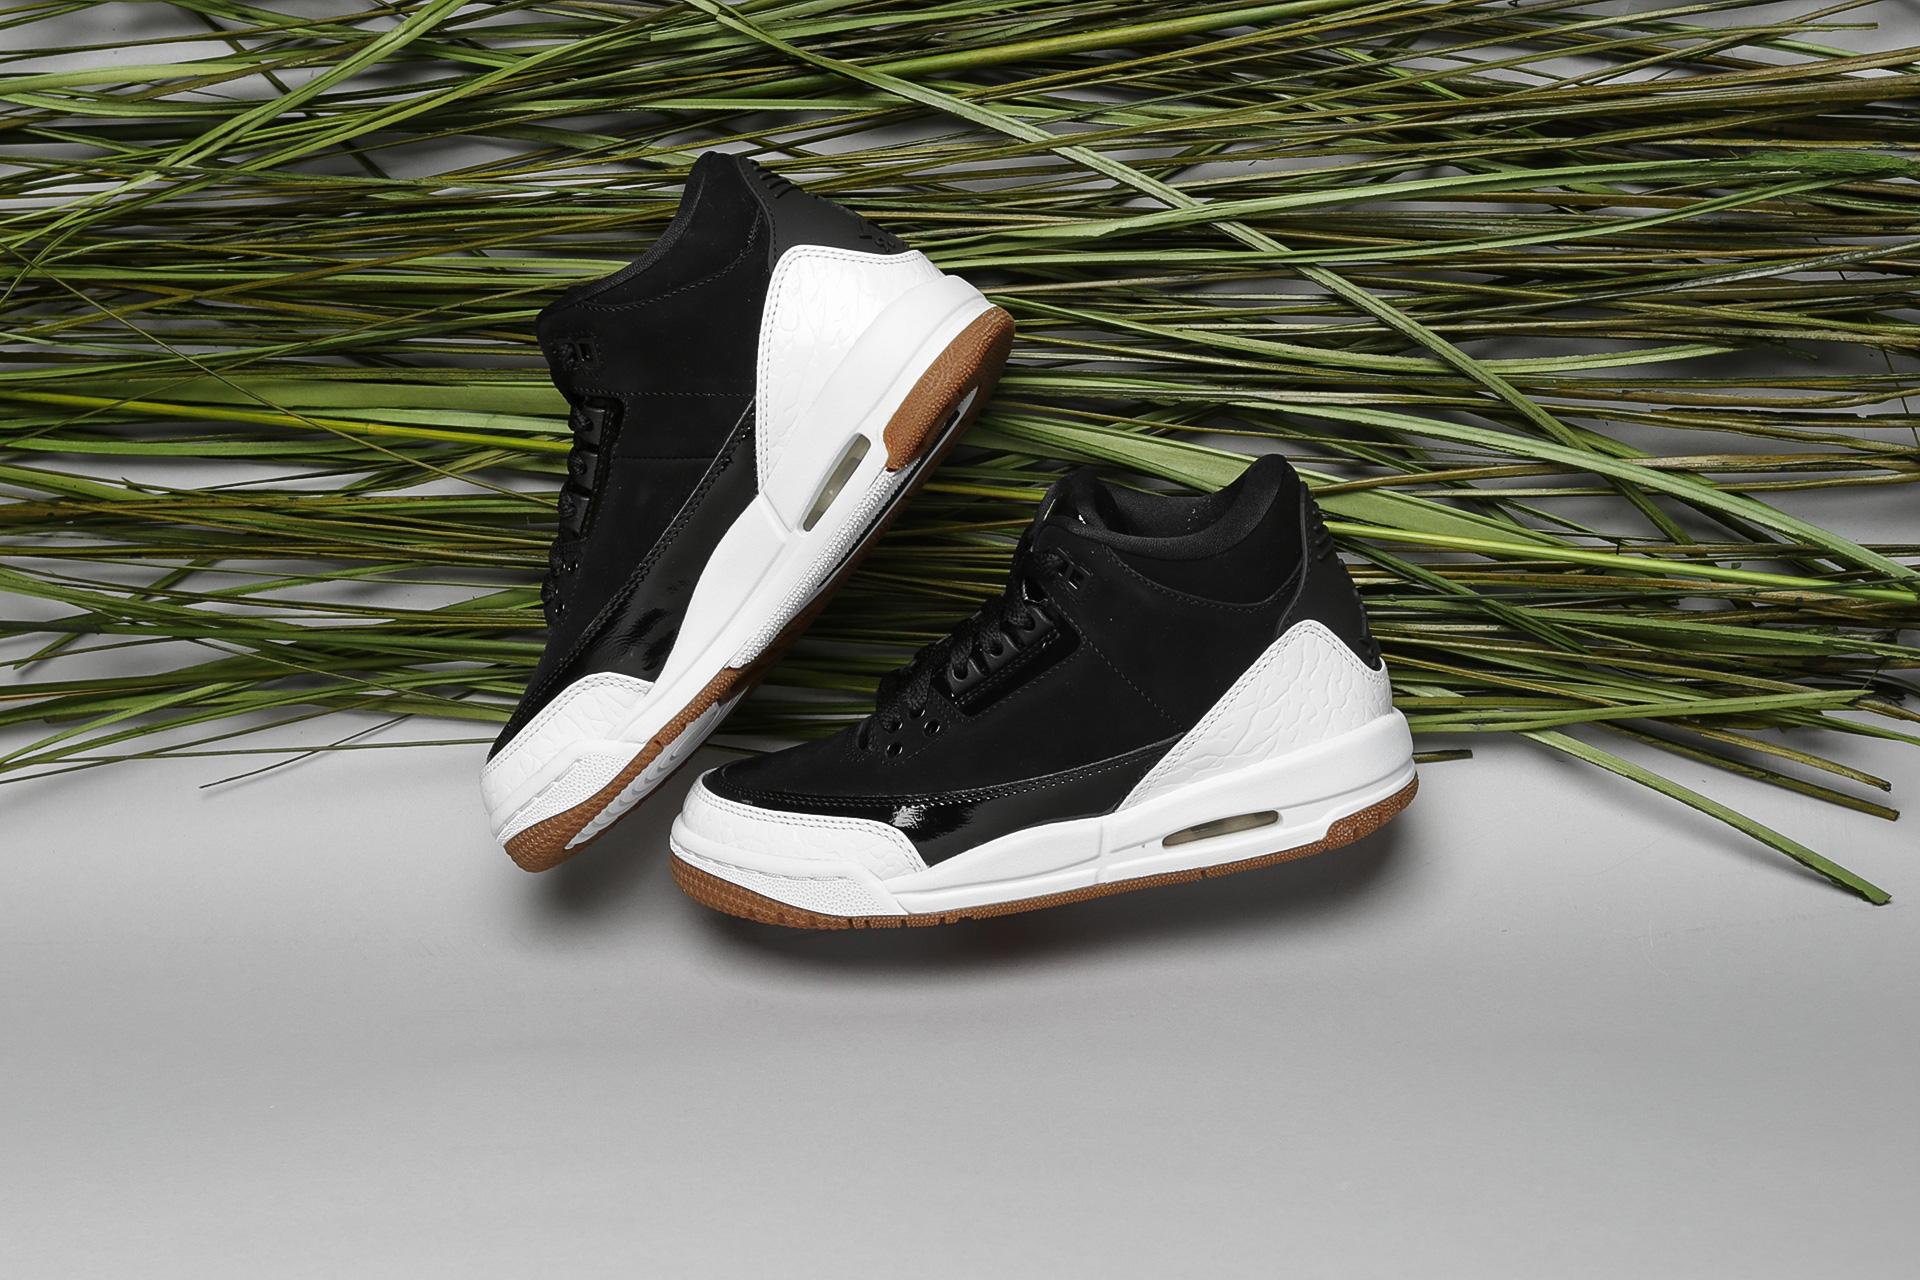 50772029f6ab Купить черные женские кроссовки III Retro GG от Jordan (441140-022 ...